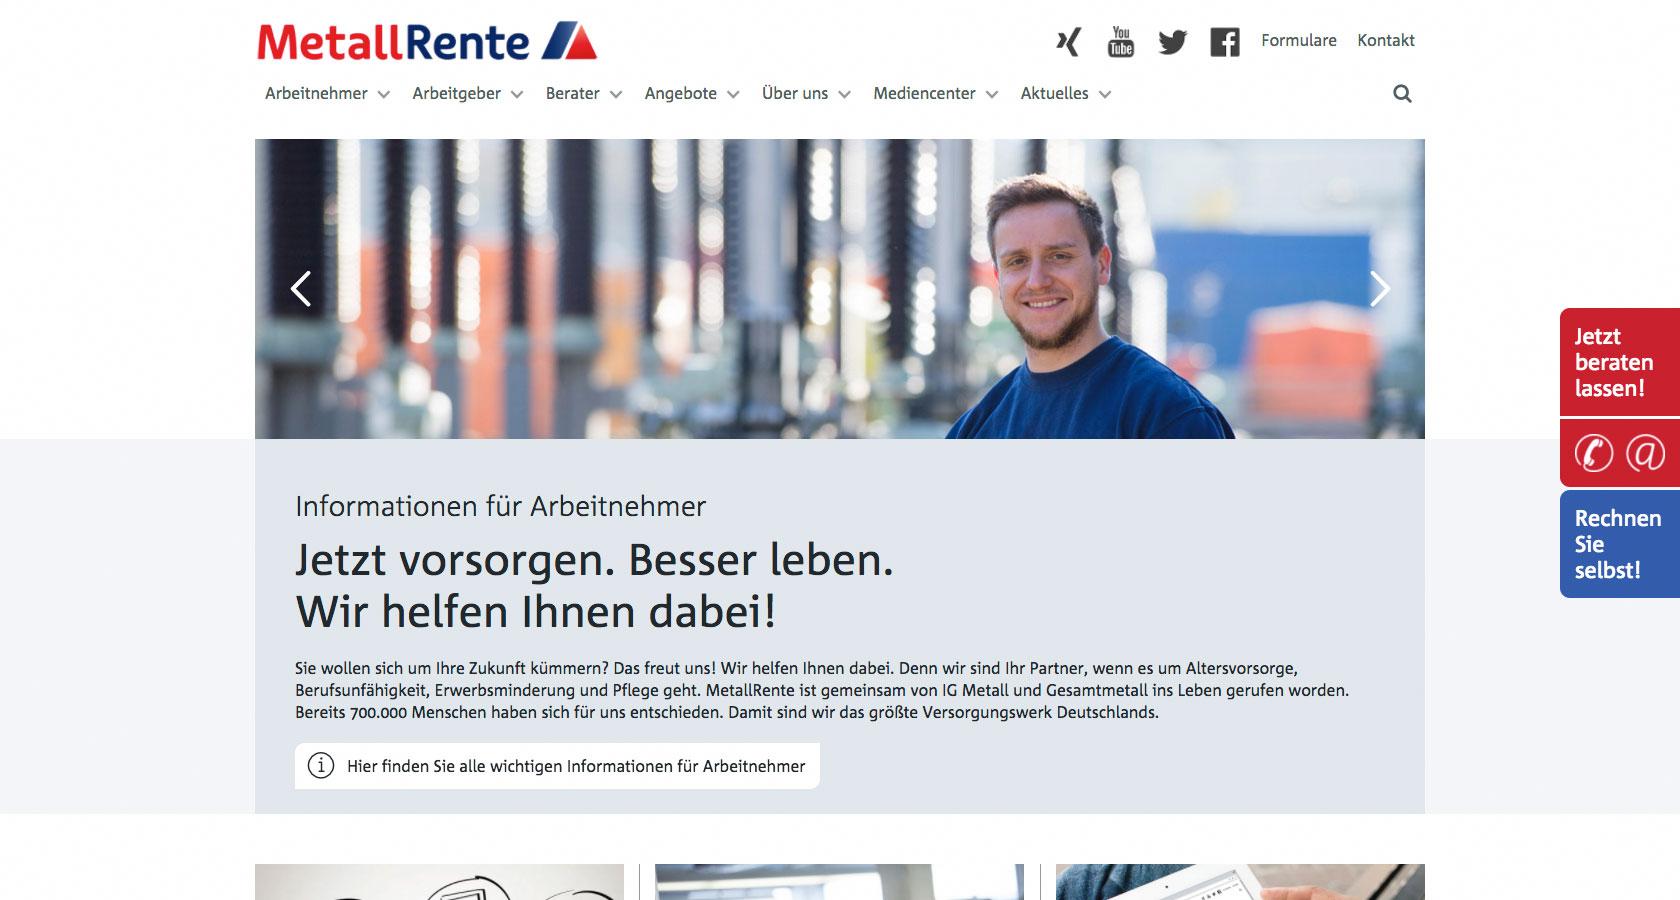 Screenshot der Startseite des Internetauftritts der Metallrente